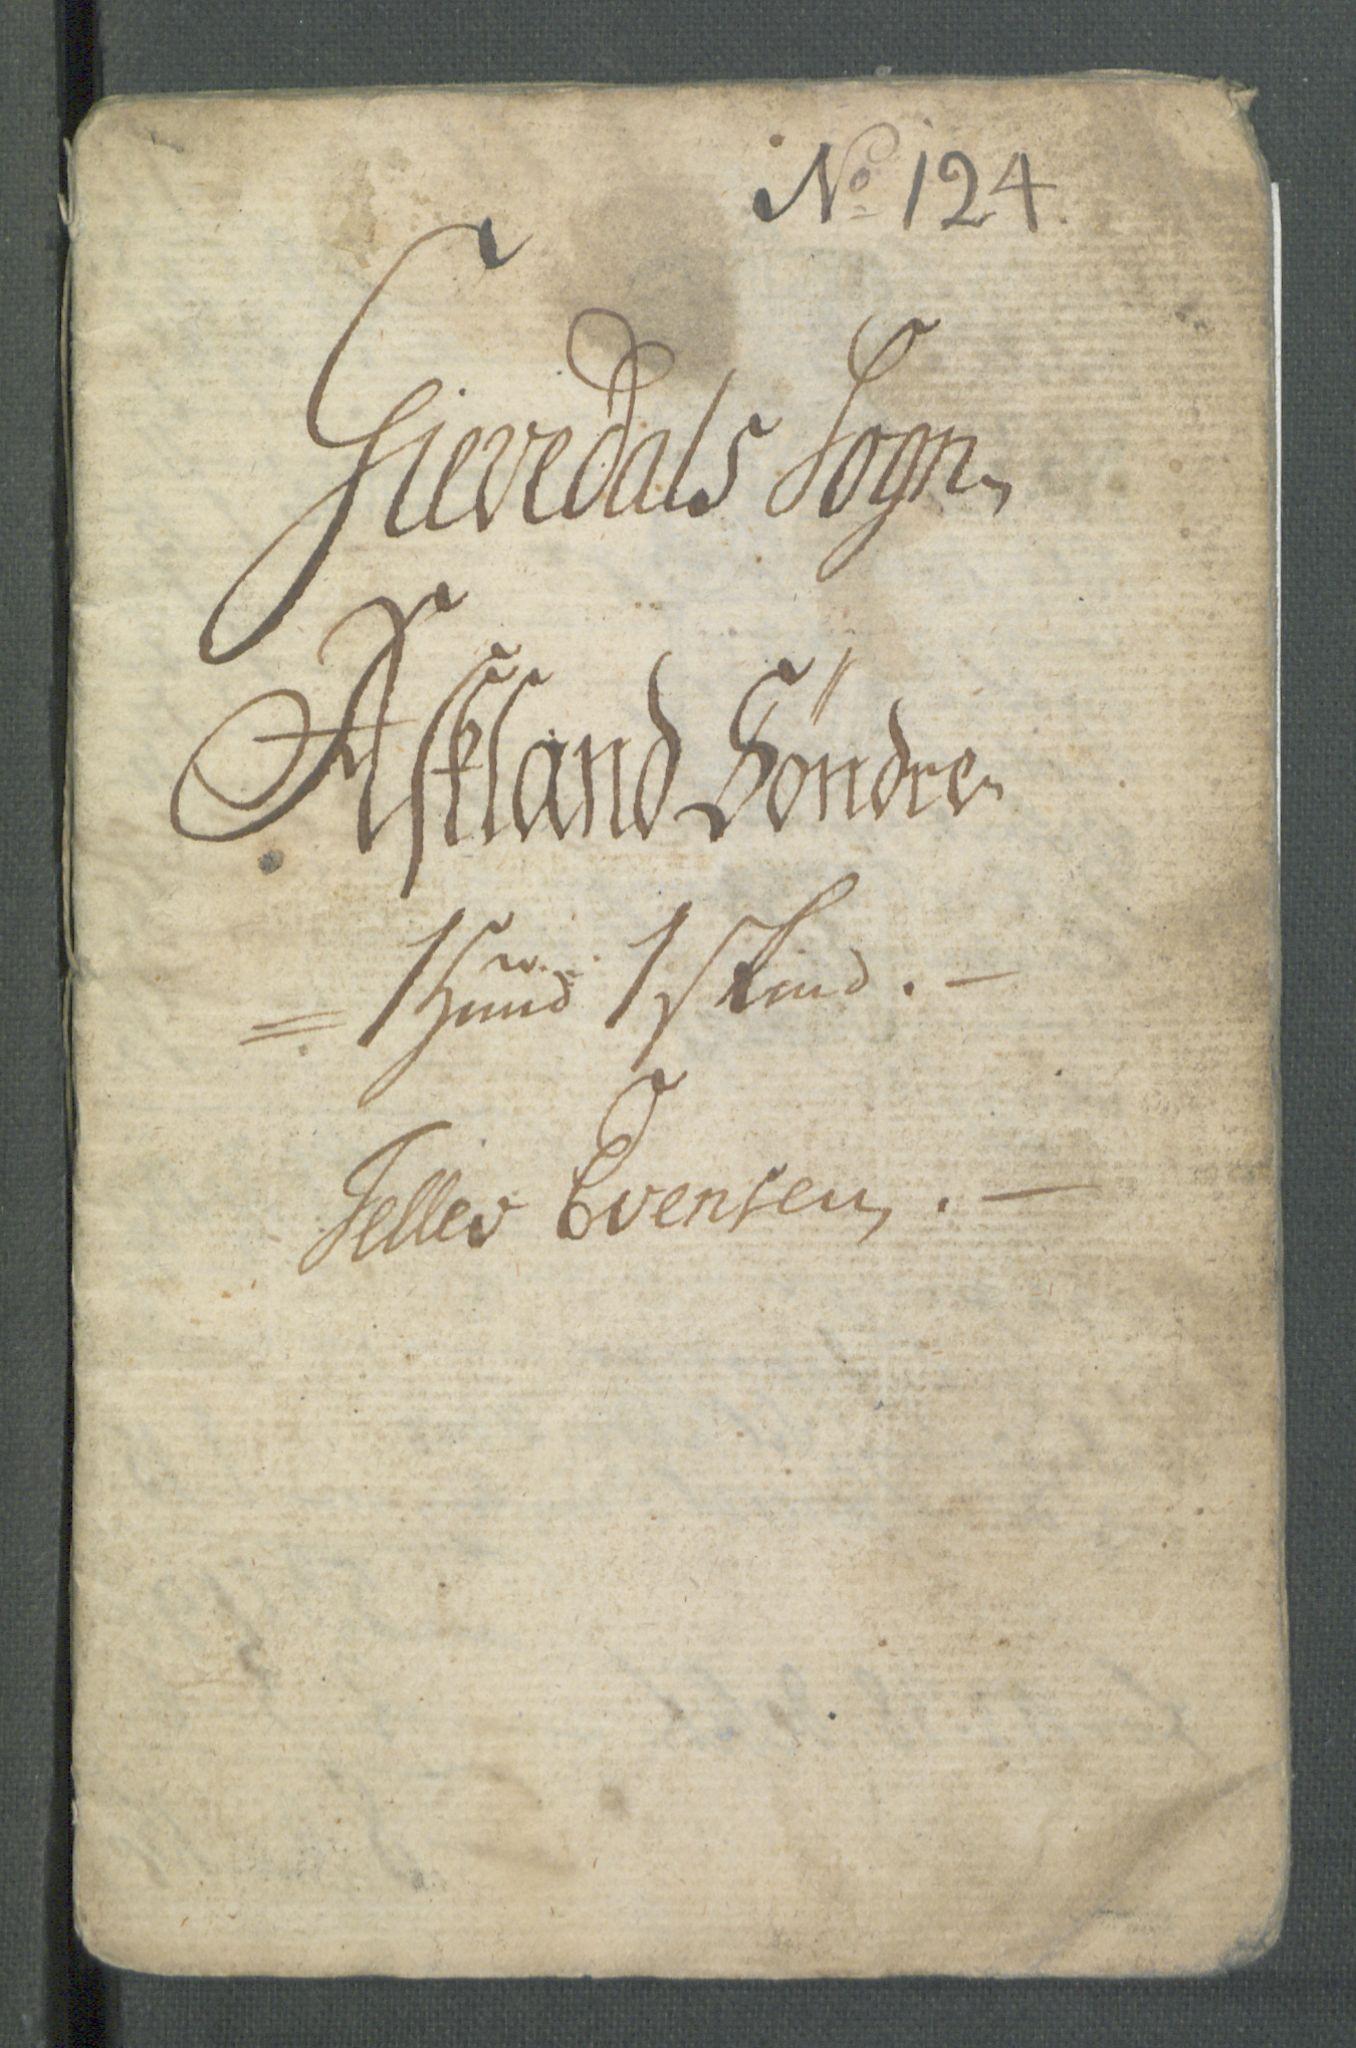 RA, Rentekammeret inntil 1814, Realistisk ordnet avdeling, Od/L0001: Oppløp, 1786-1769, s. 482